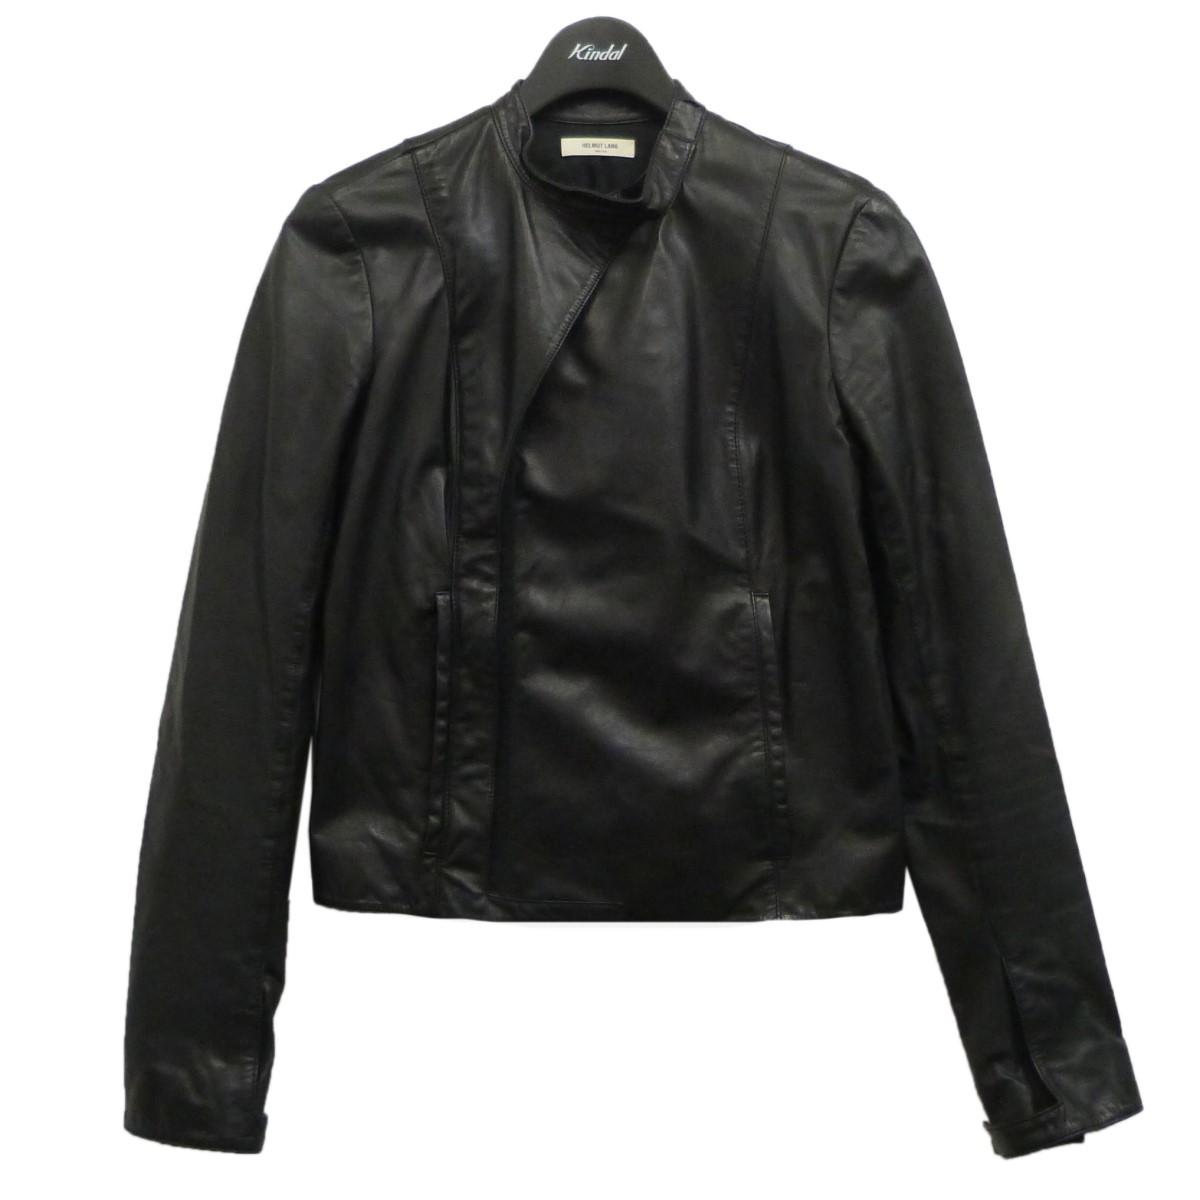 【着後レビューで 送料無料】 HELMUT LANG レザーライダースジャケット ブラック サイズ:S 【100121】(ヘルムートラング), S4R 3d9903b2